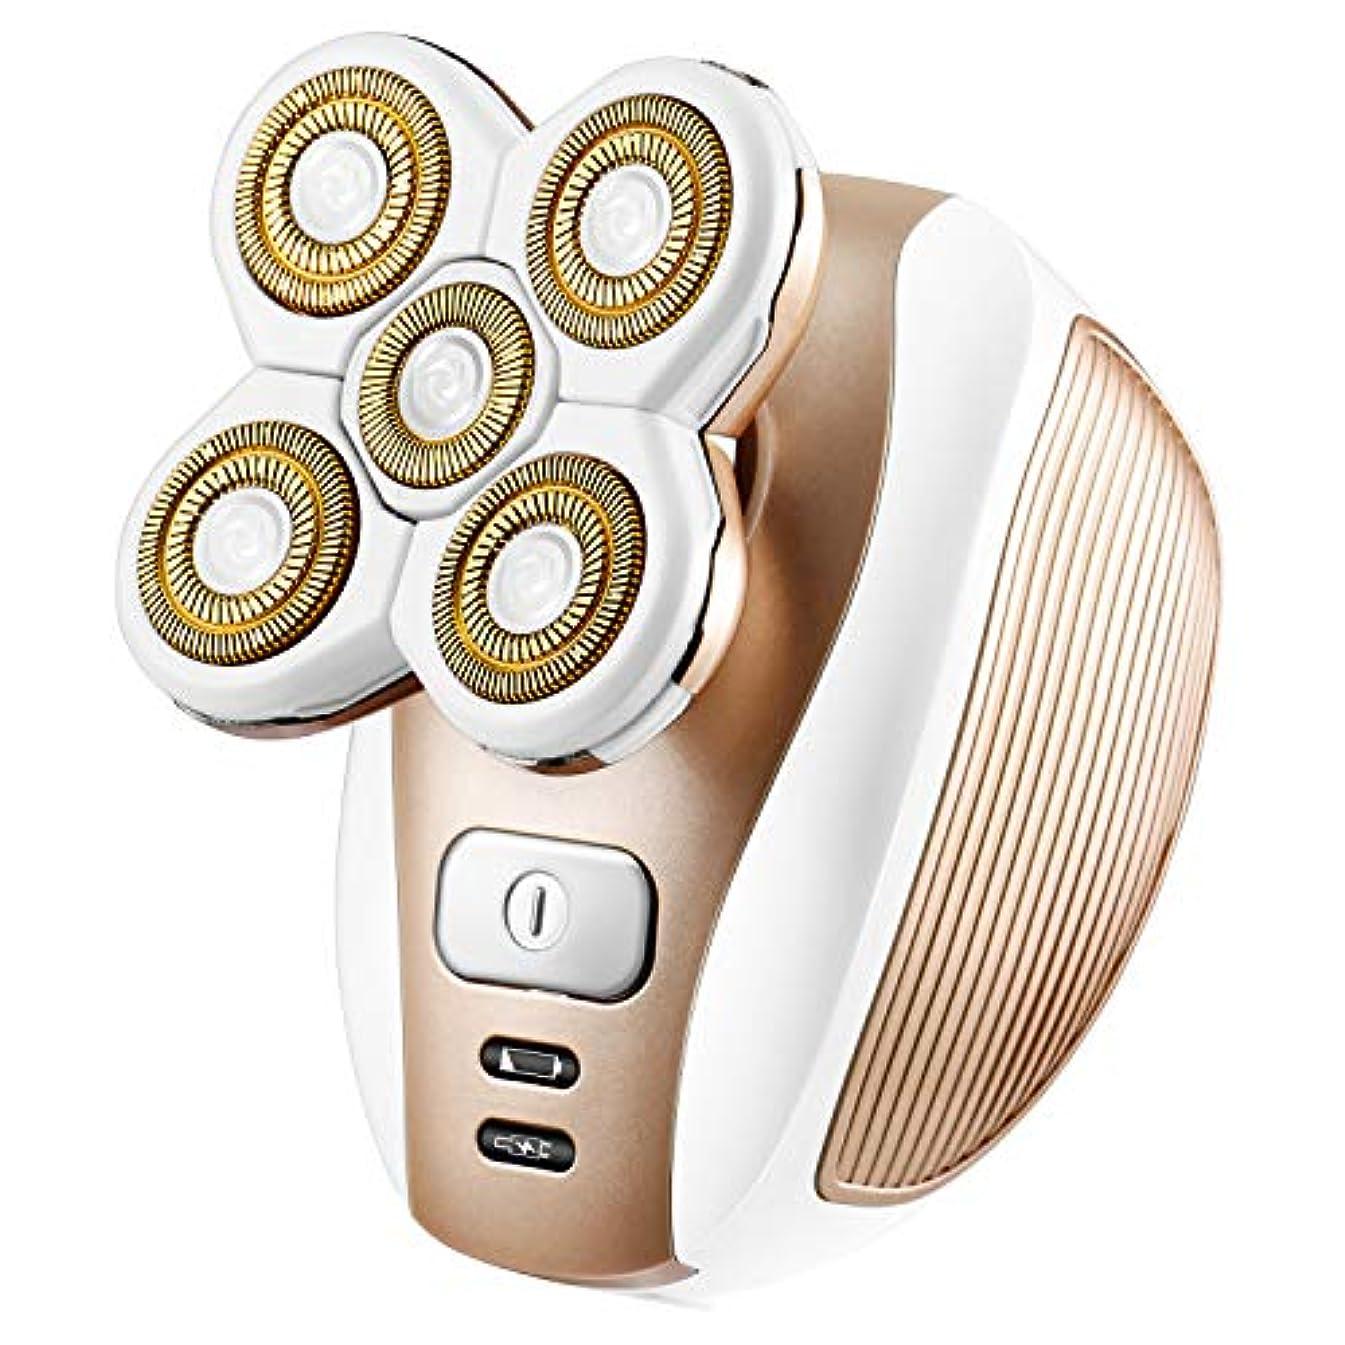 マングル余韻クラシックMagicfly レディースシェーバー(女性用 電気脱毛器) USB充電式 携帯用 防水 ゴルード